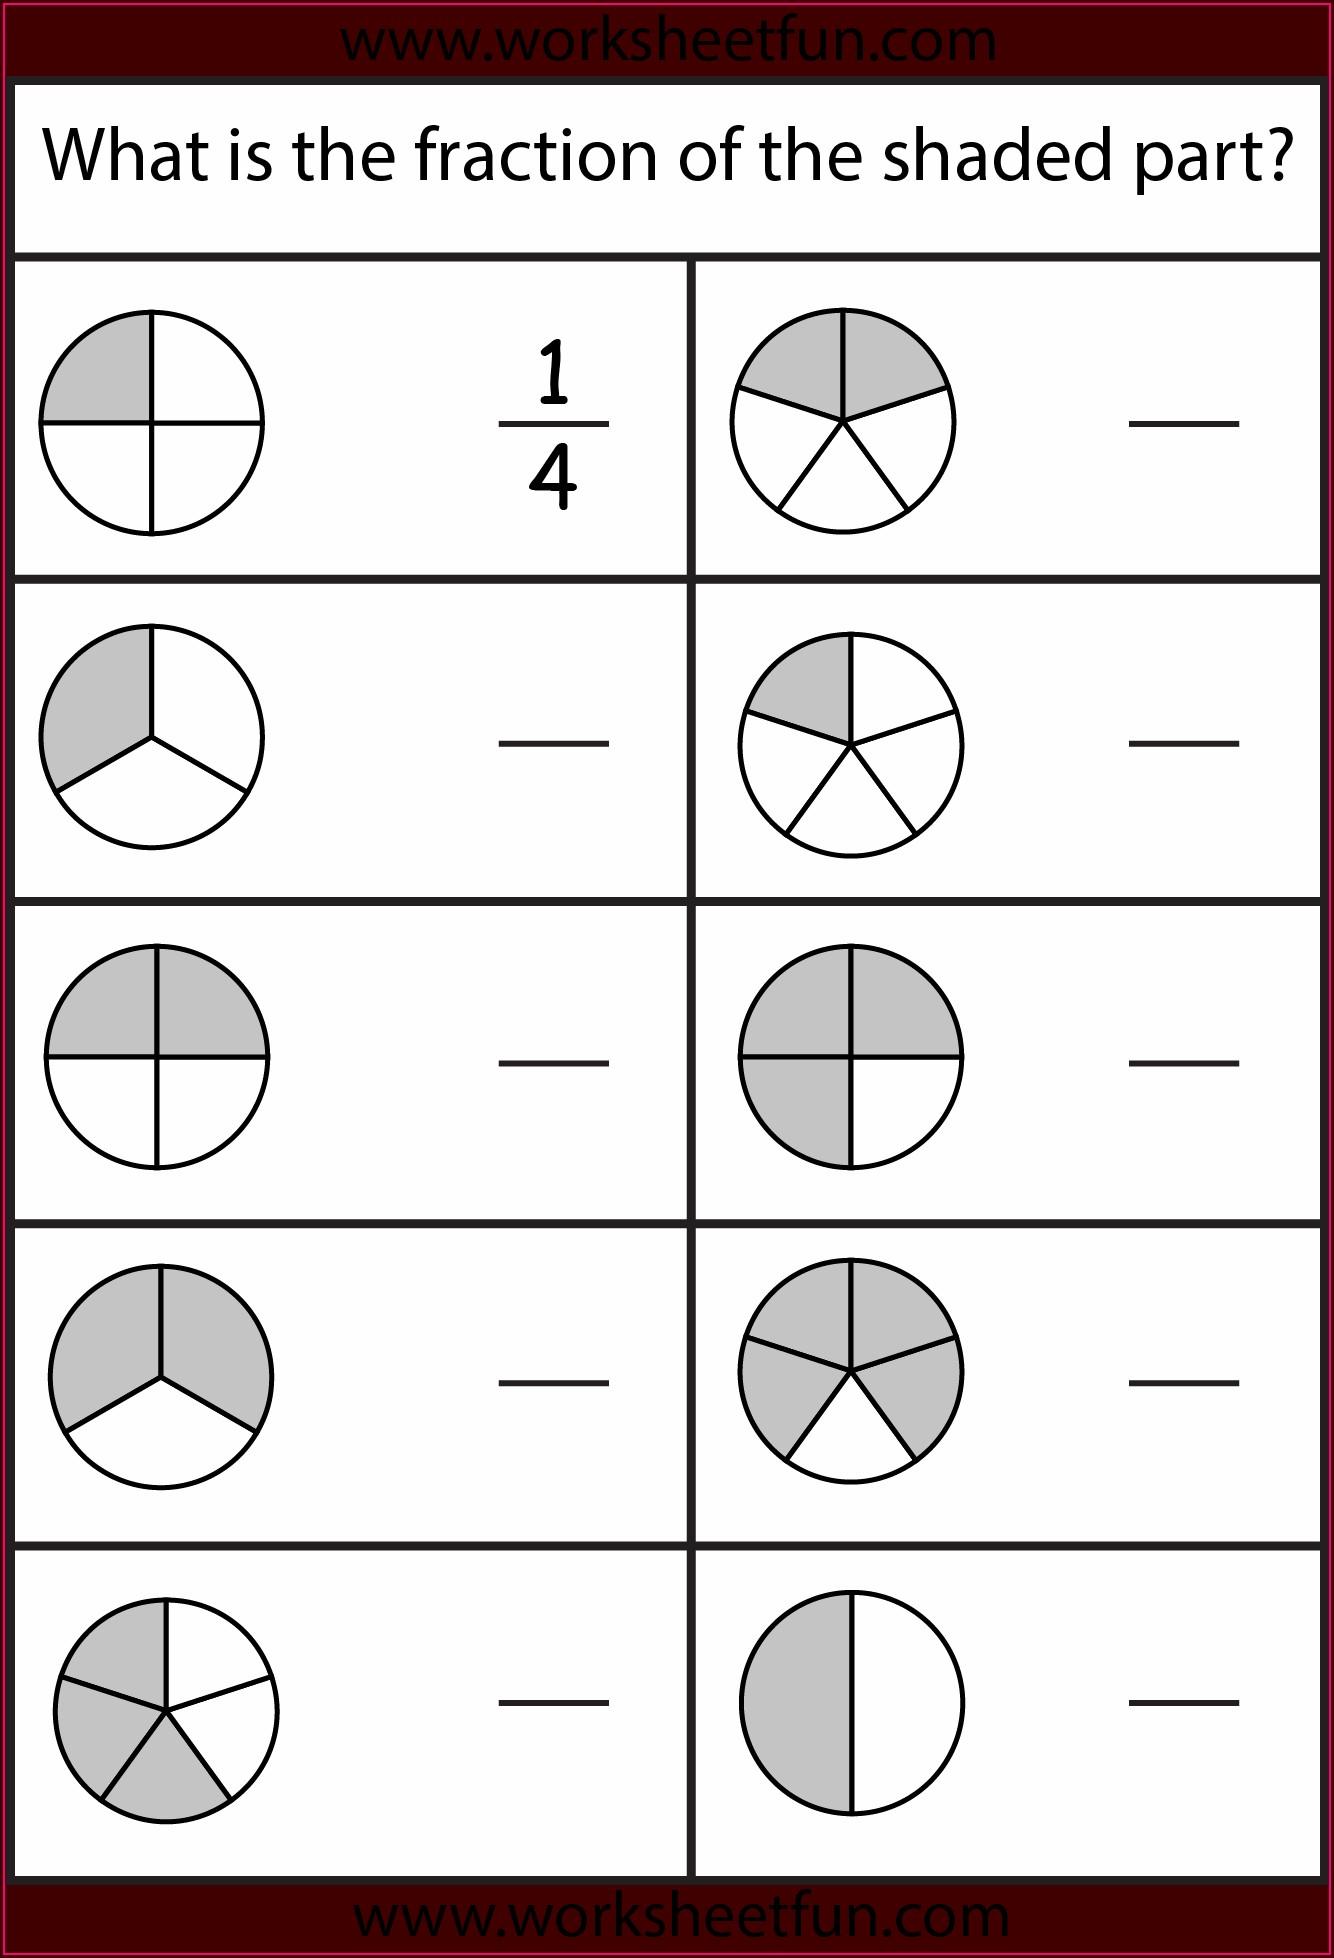 Worksheet On Fractions For Grade 4